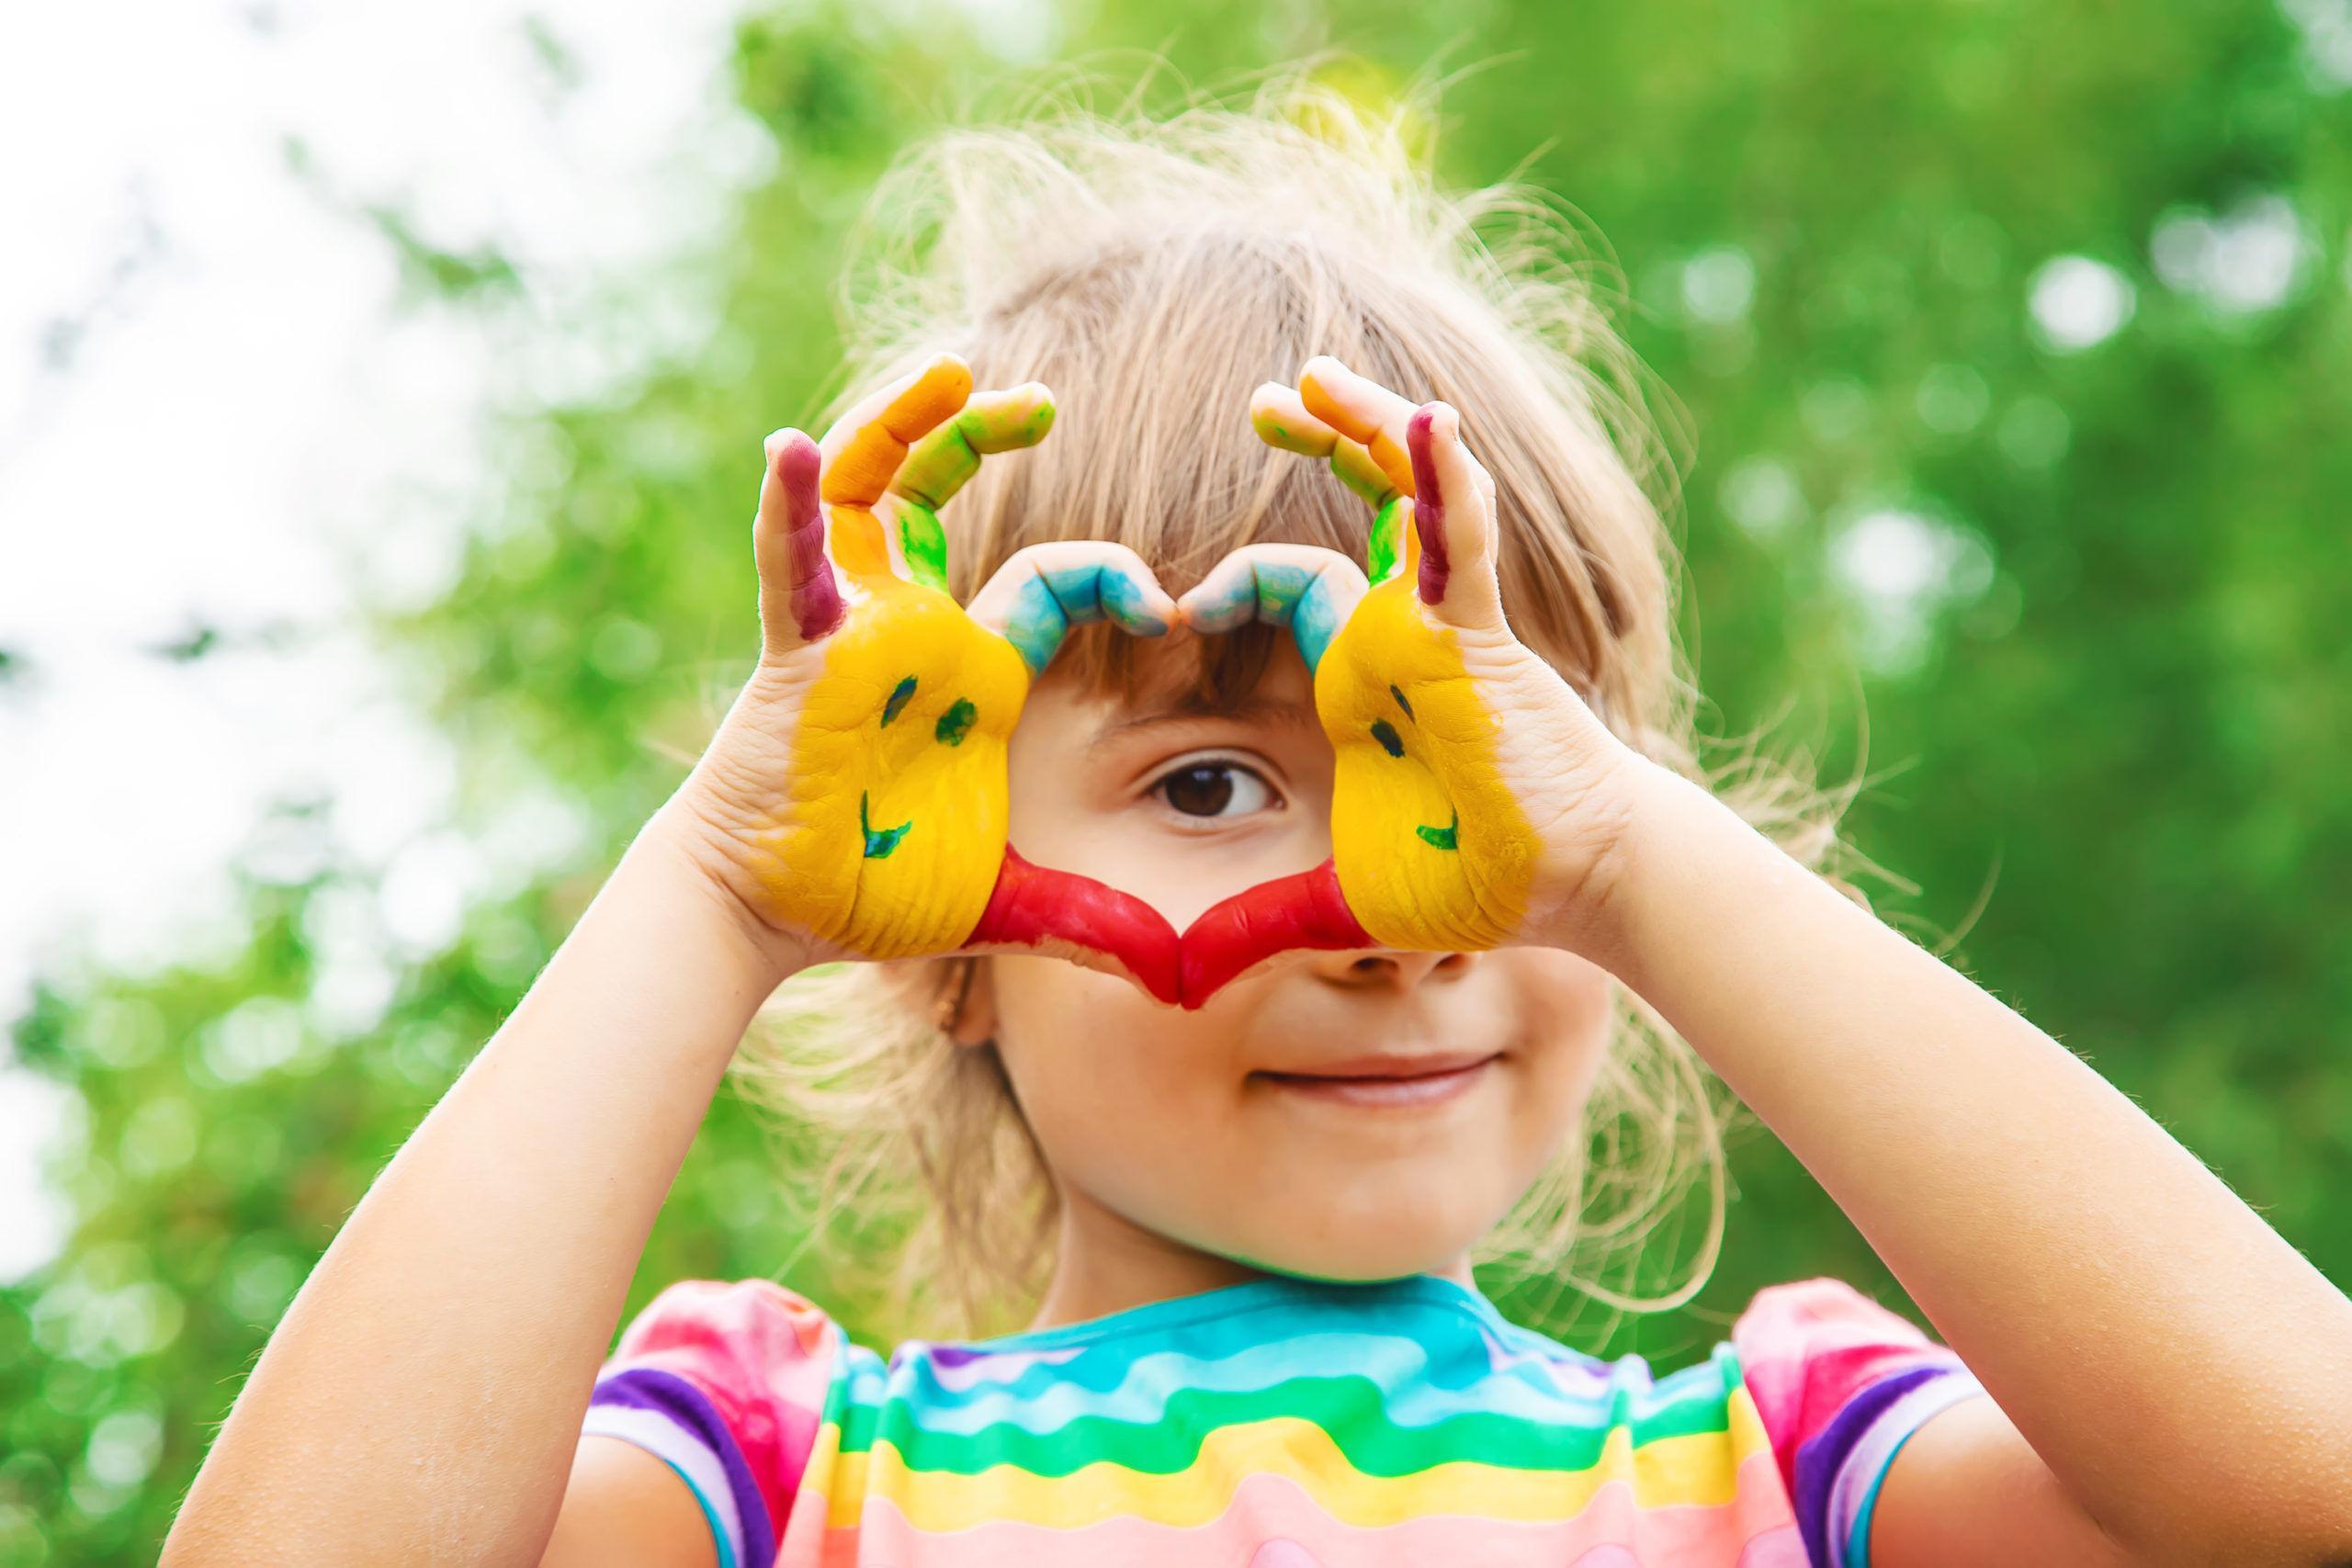 Promicati dječju kreativnost